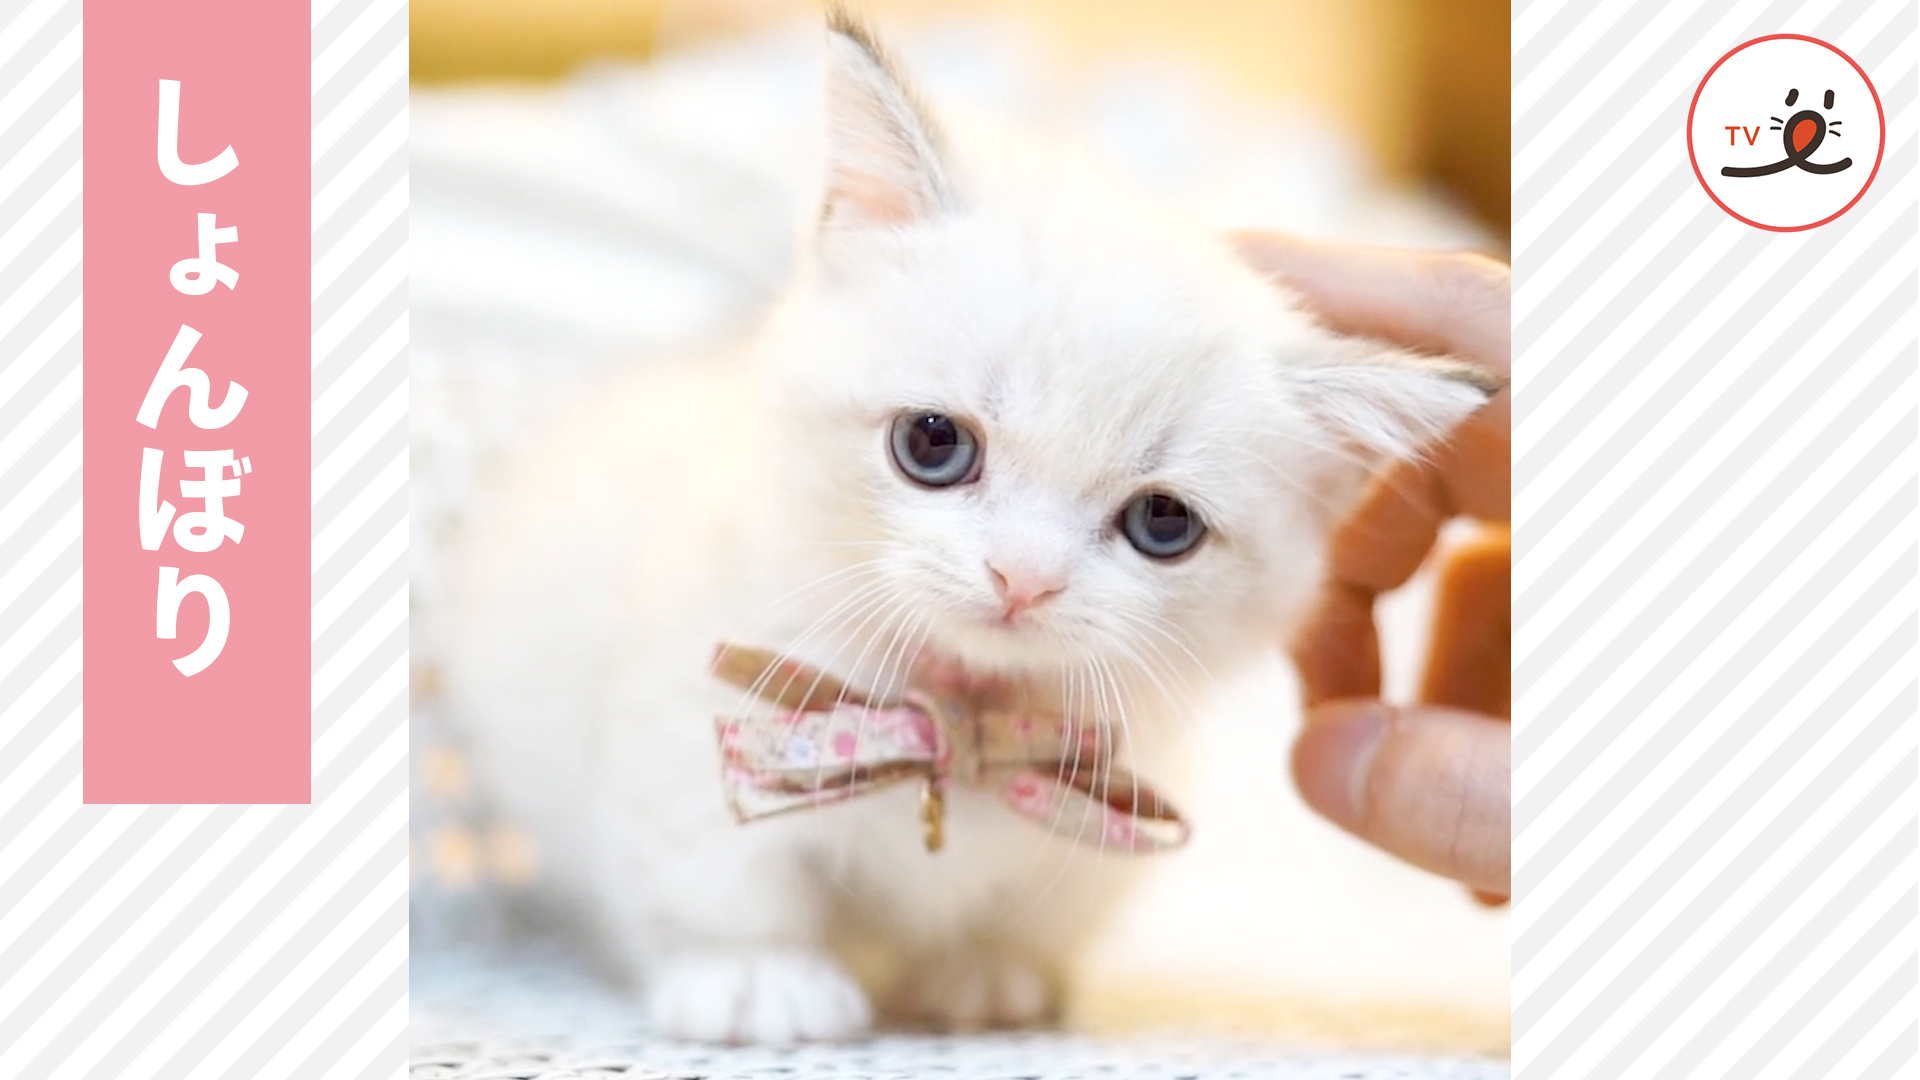 愛くるしい表情に注目💕 天使のような甘えん坊子猫🐱💕